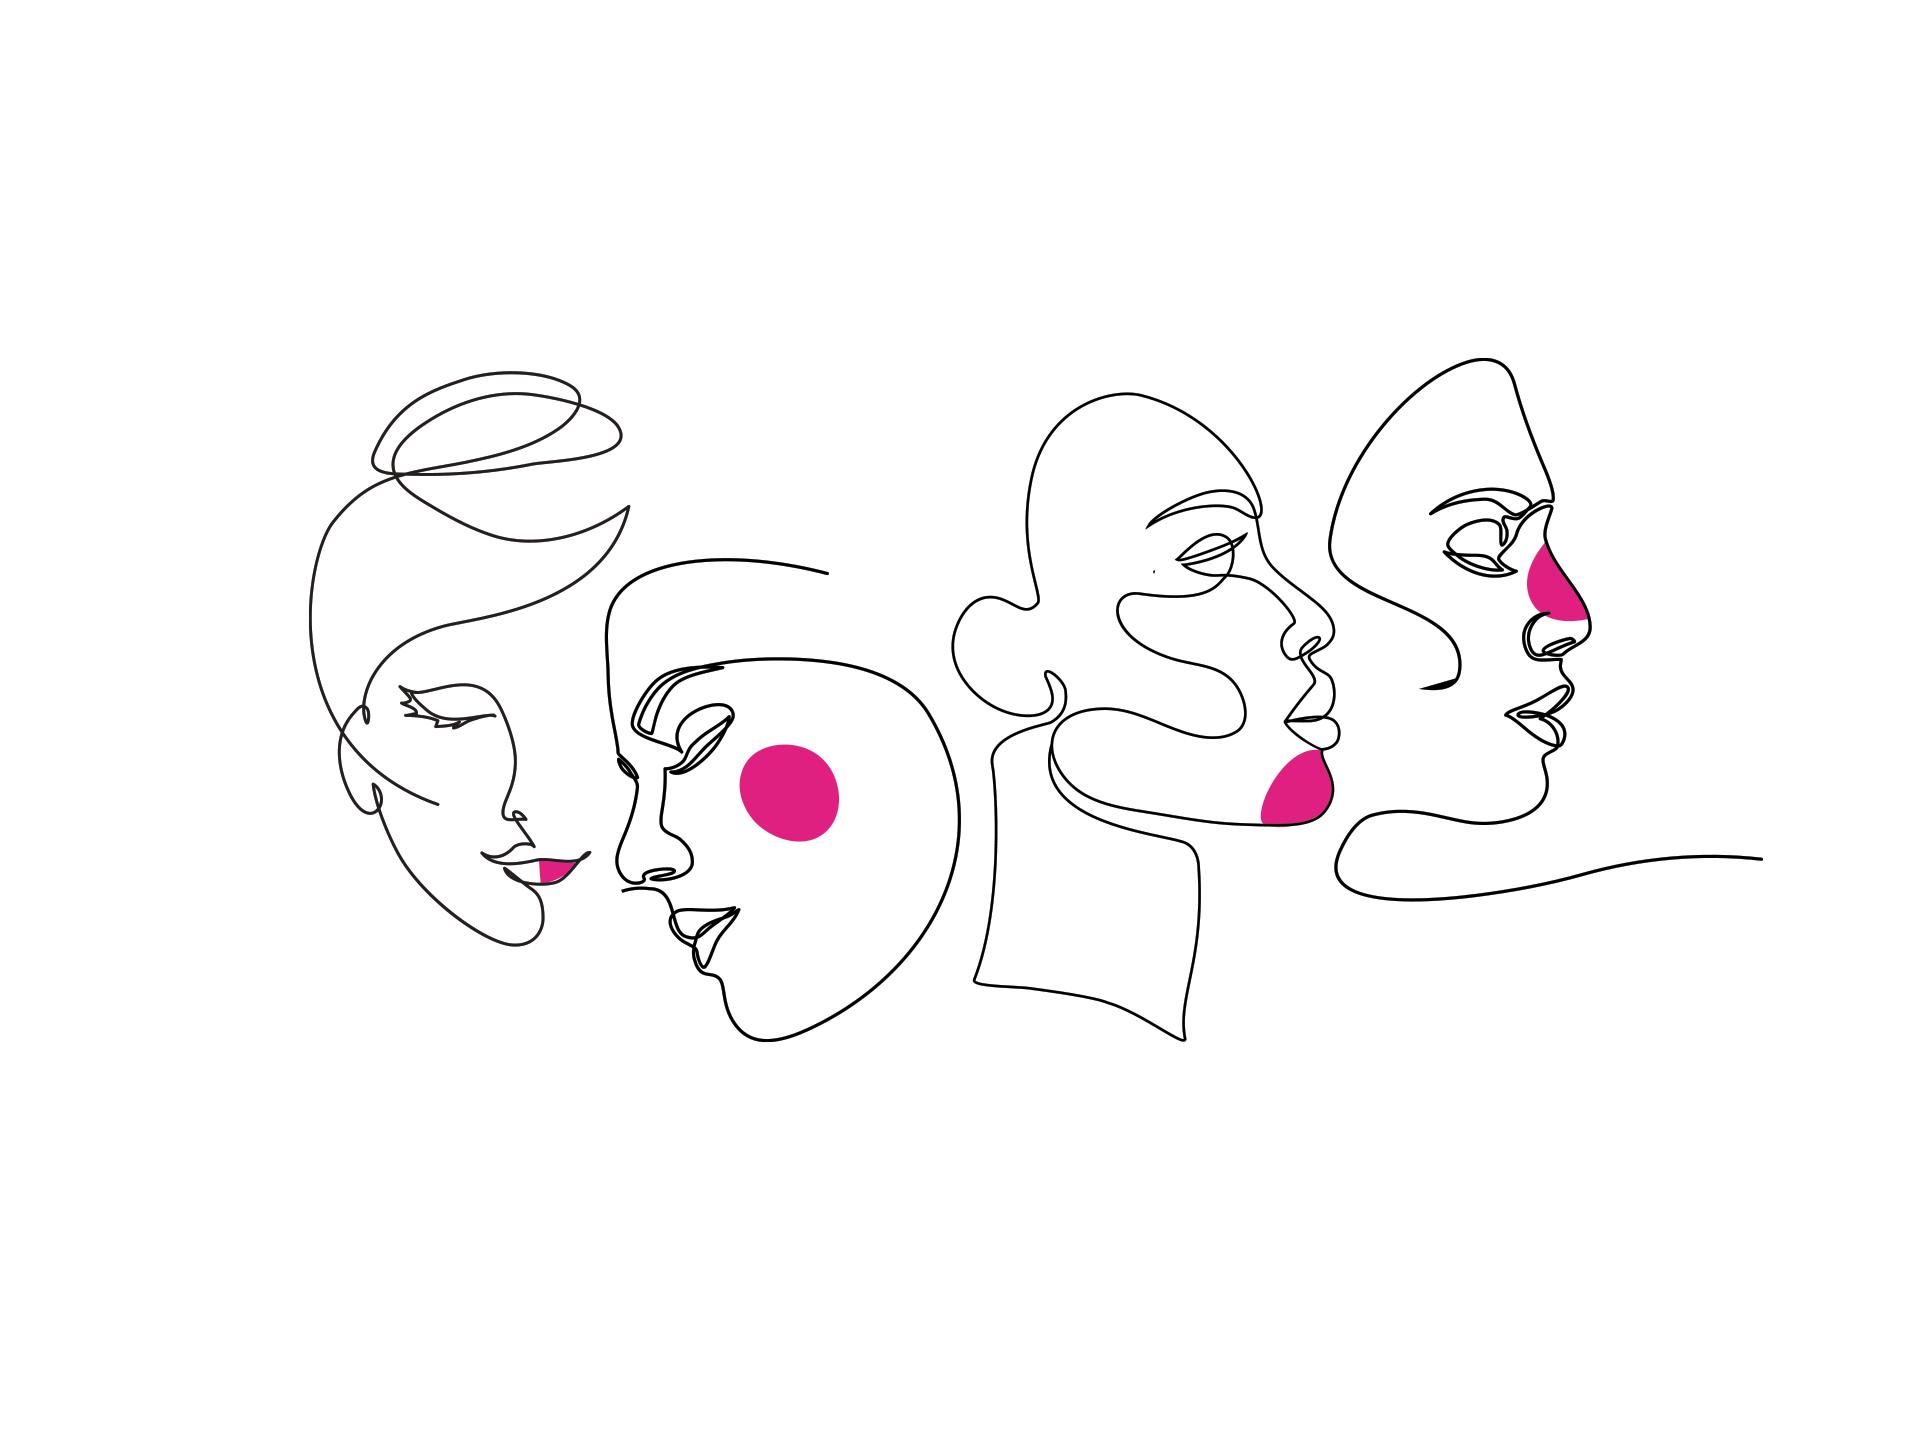 ilustração de rostos de mulheres